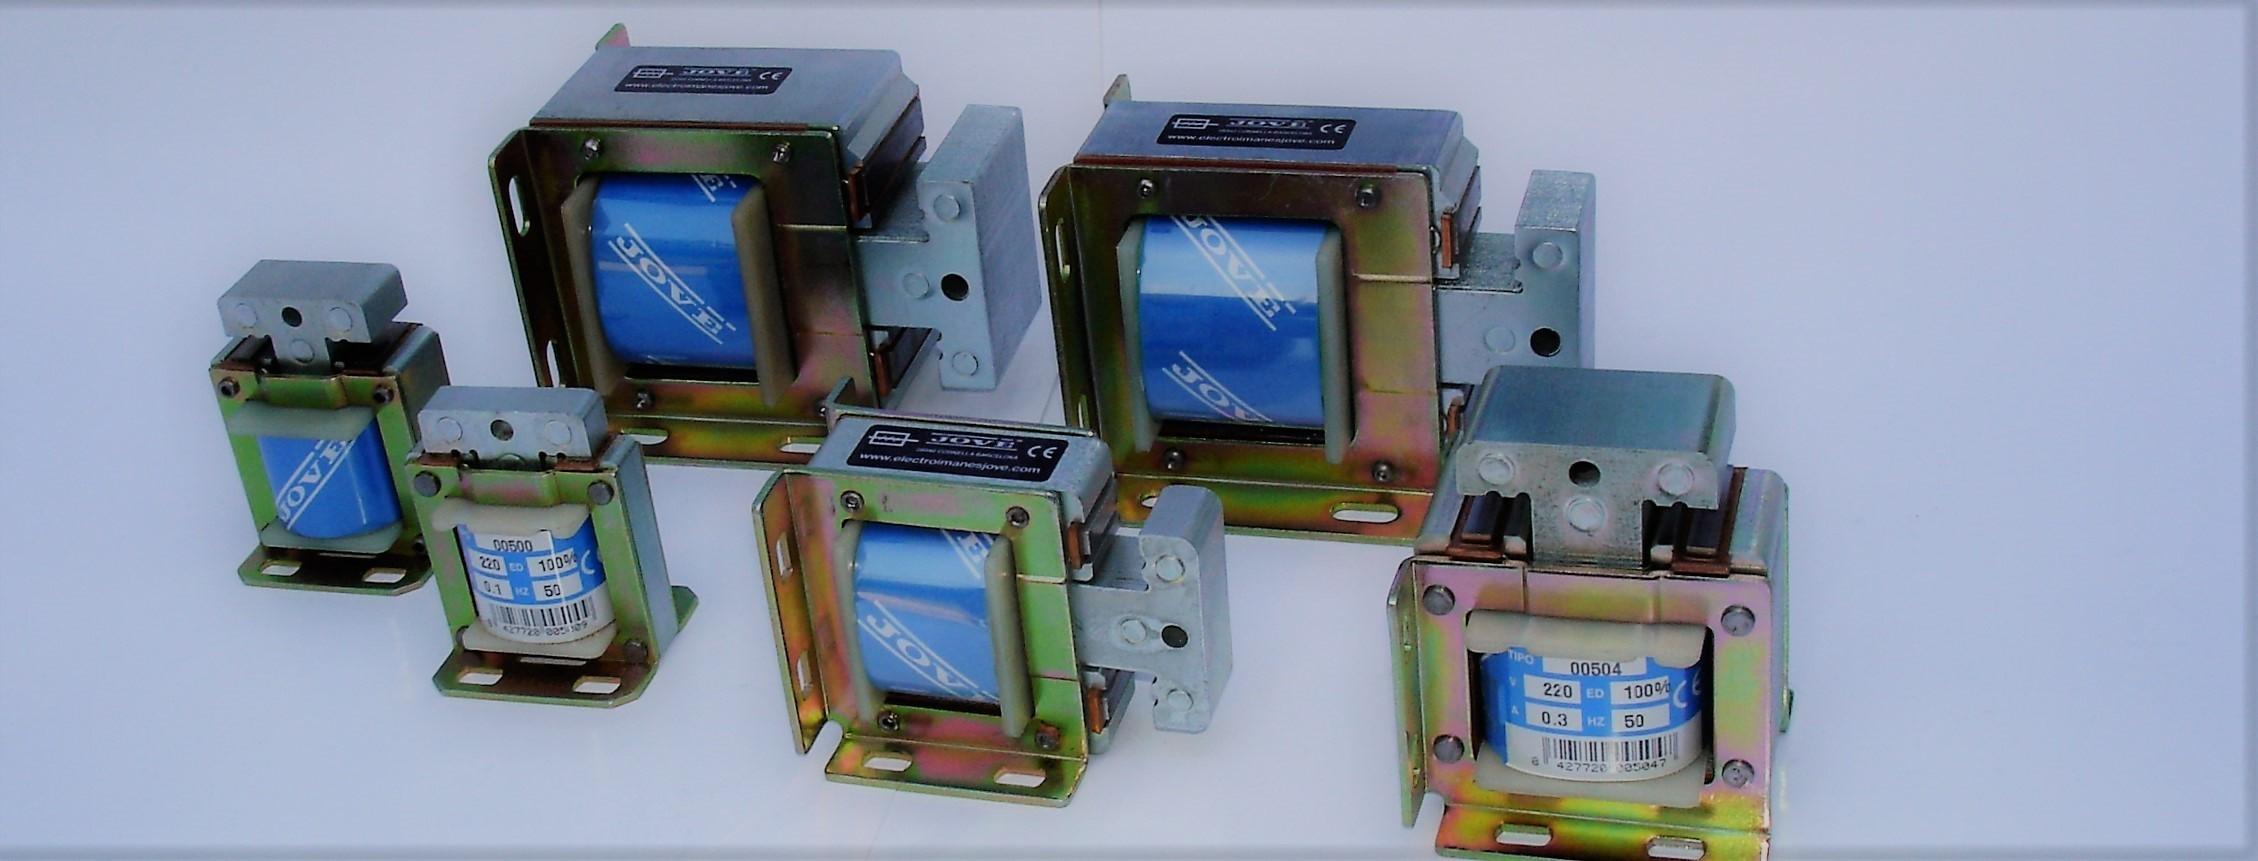 Electroimanes de maniobra corriente alterna